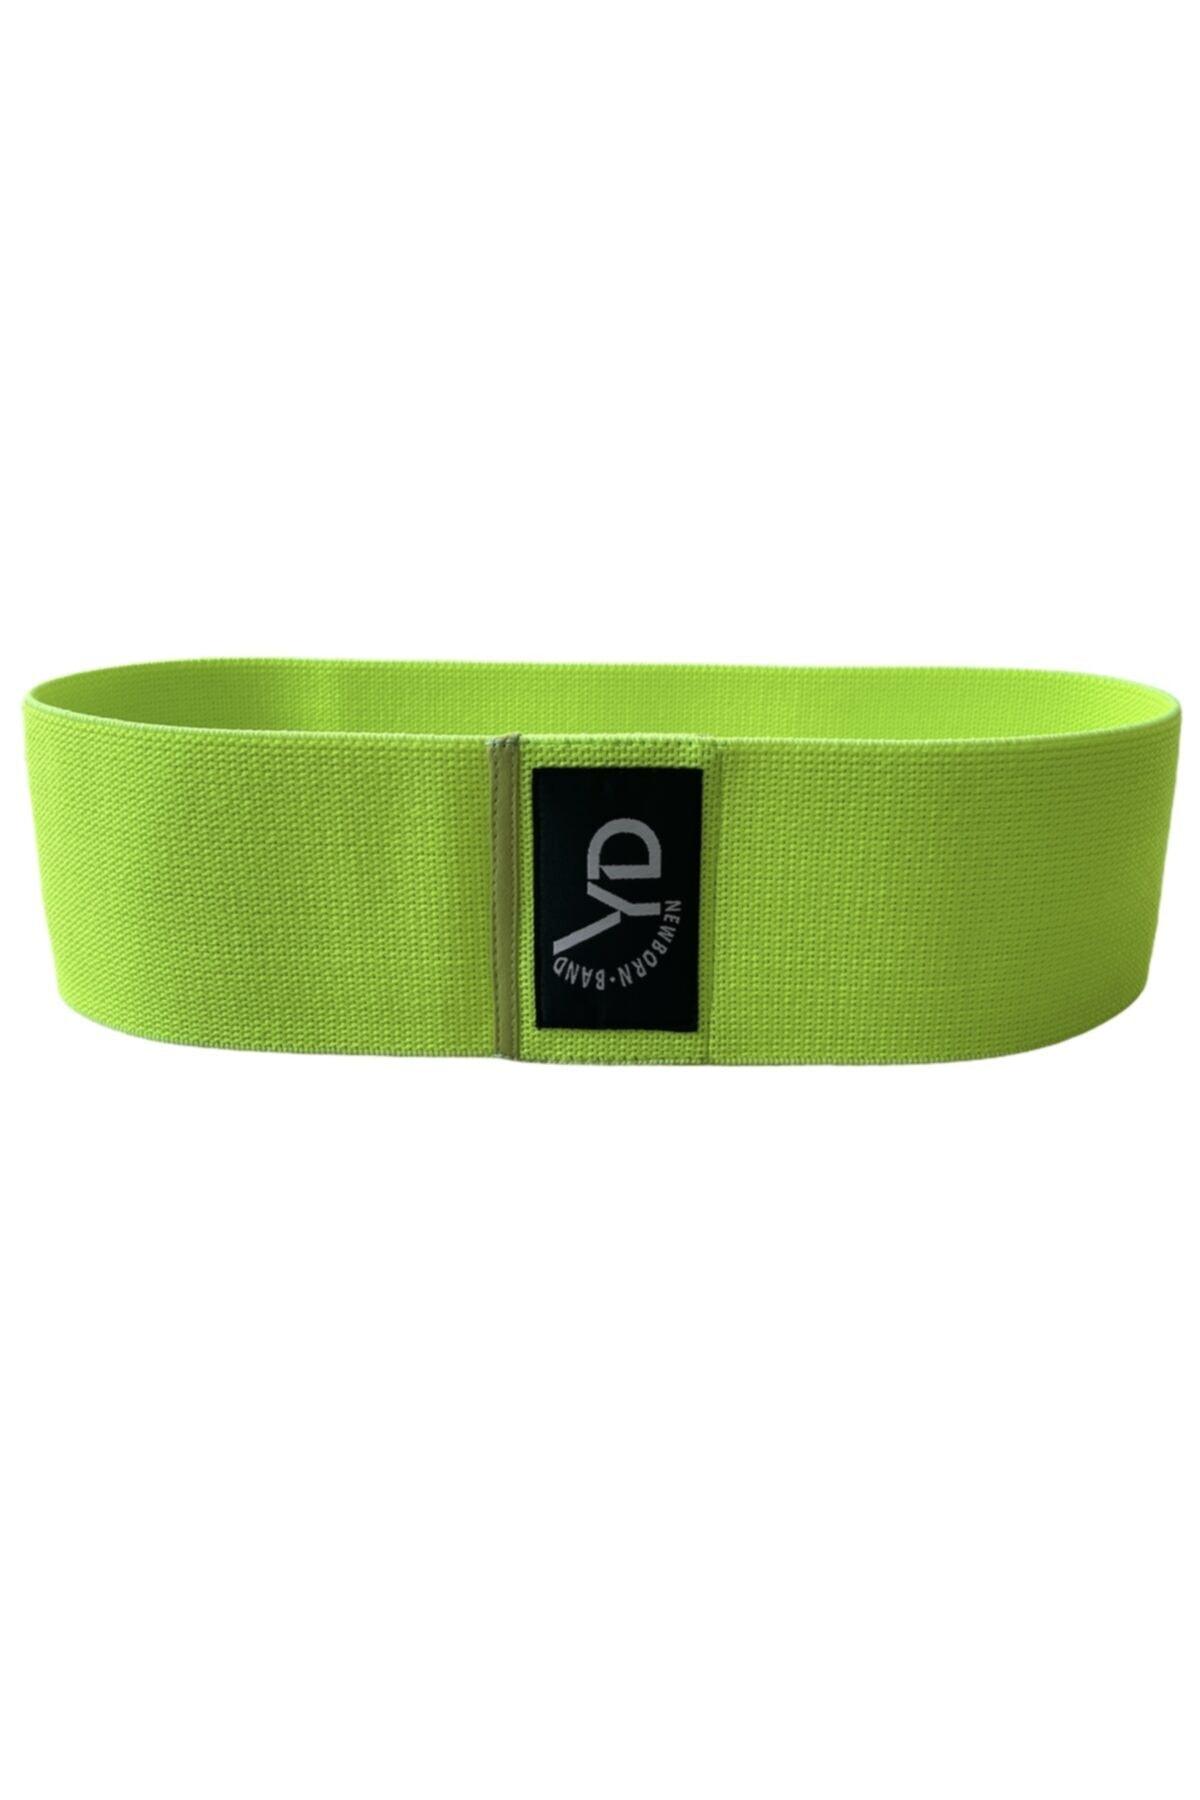 Loop Band Yd Band Direnç Lastiği Egzersiz Bandı Orta Sert Neon Yeşil(17-21 KG)